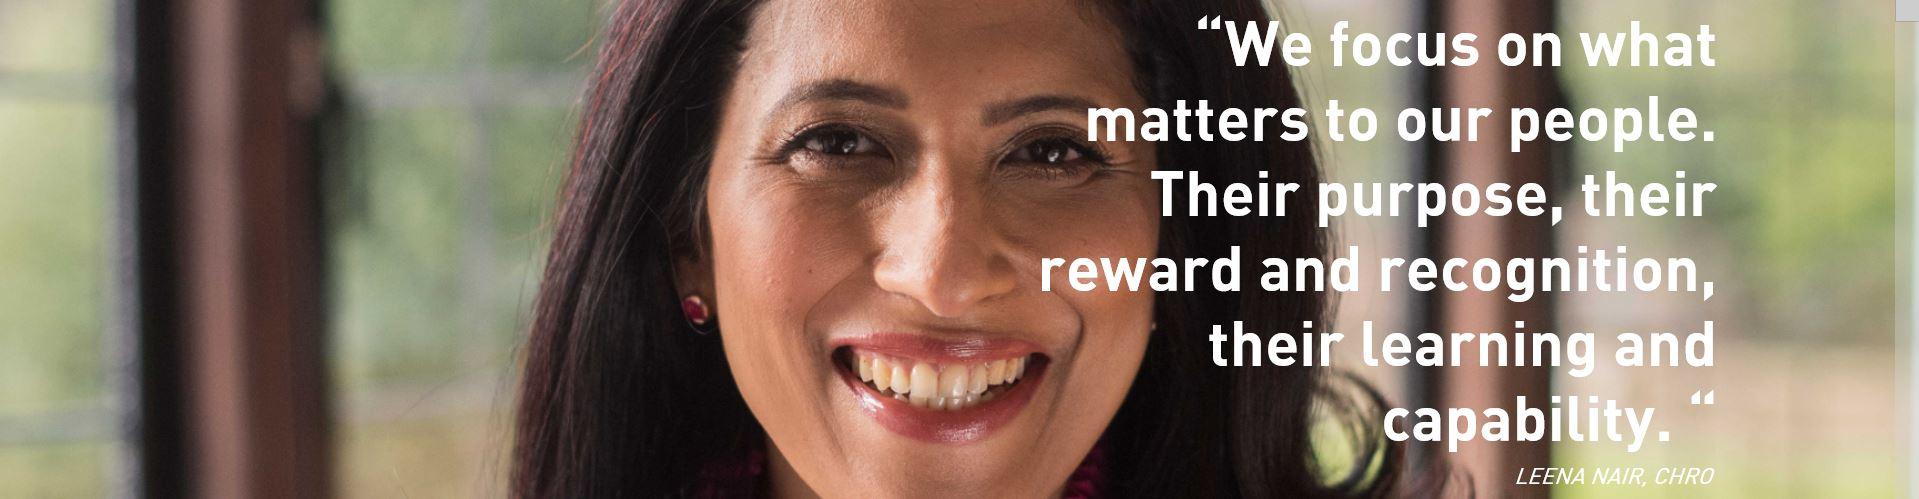 Leena Nair quote